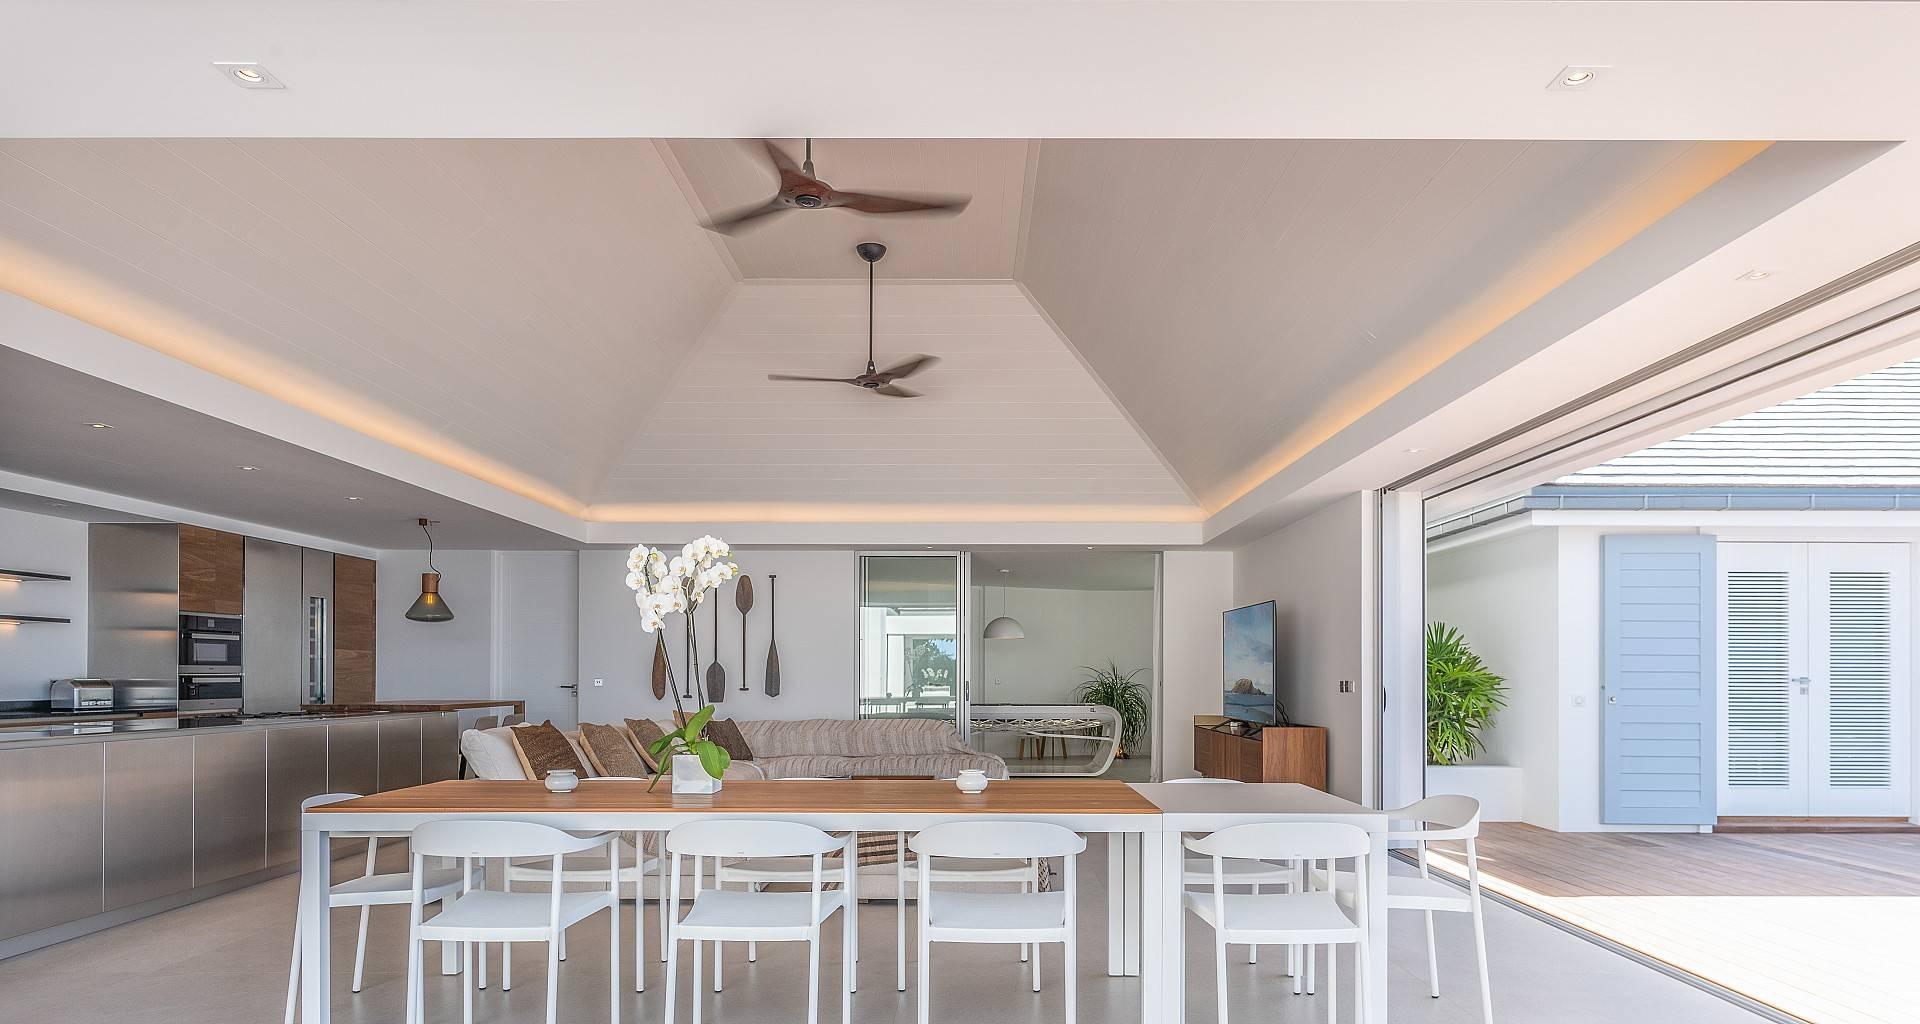 Villa Coco Kitchen